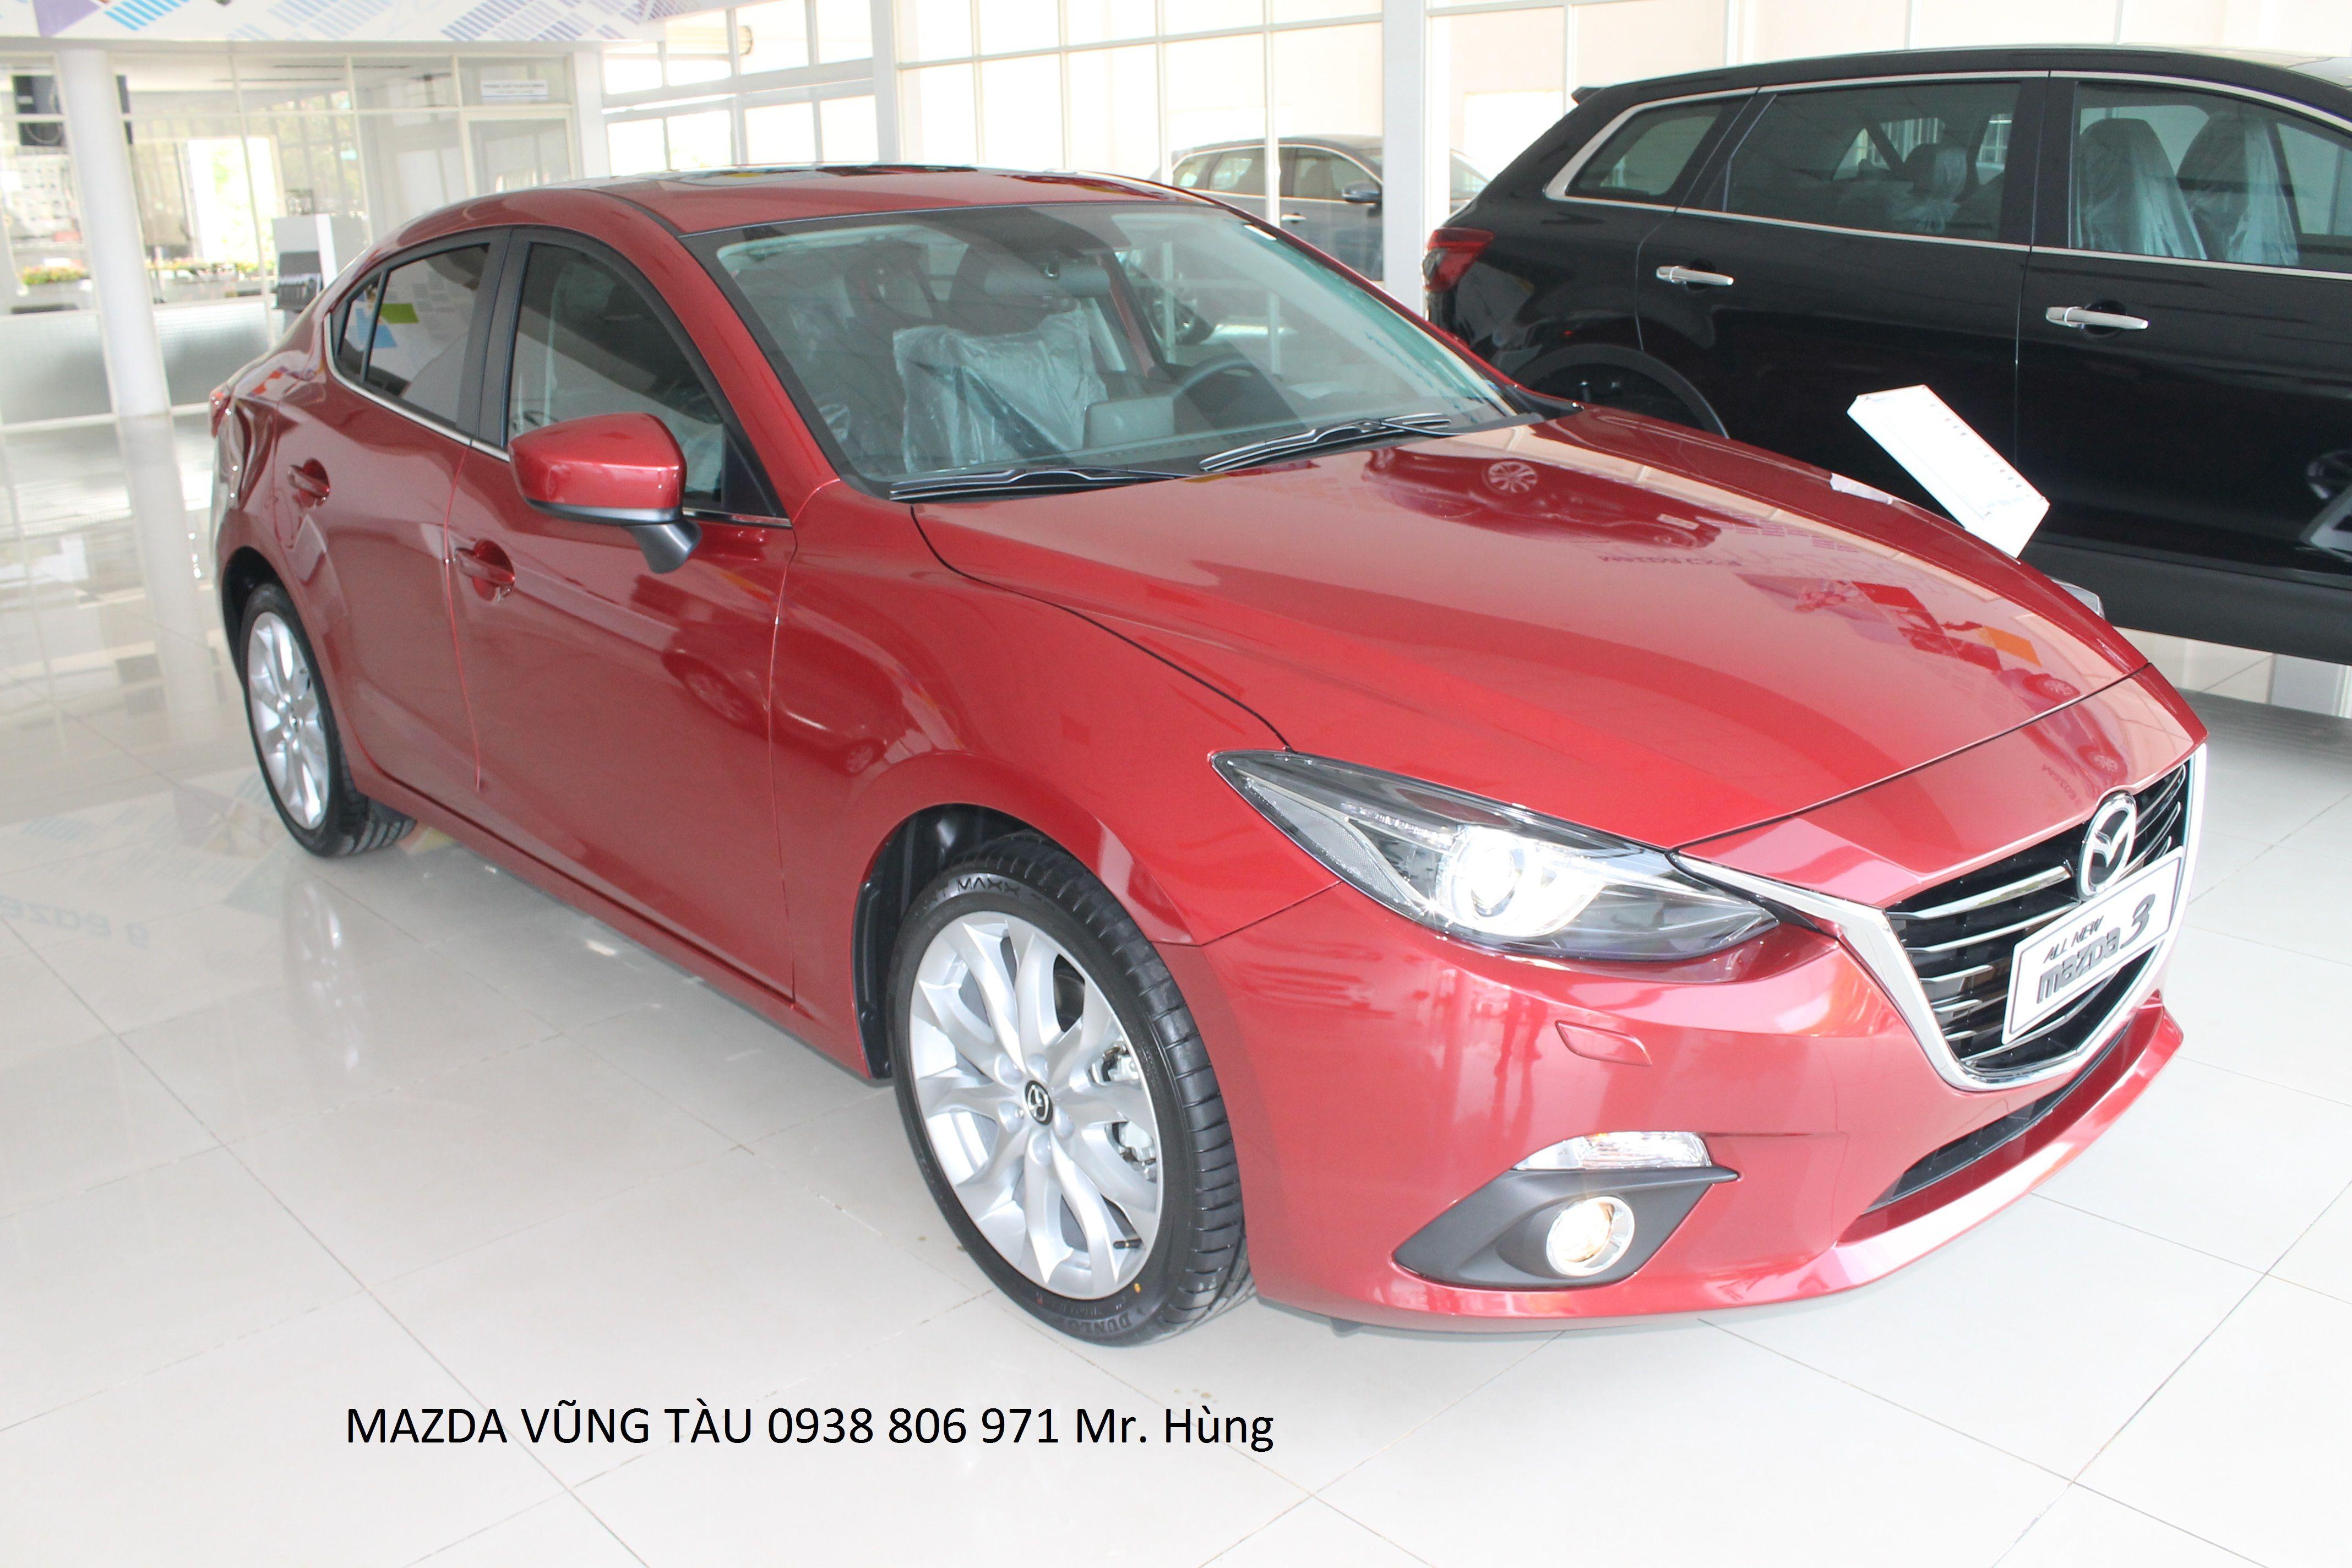 http://vinamazdavungtau.weebly.com https://www.facebook.com/hungmazdavungtau MAZDA VŨNG TÀU Mr. Nguyễn Quốc Hùng 0938.806.971 or 0979.963.695 Skype: hungmclaren Mail: nguyenquochung@thaco.com.vn Kinh doanh phân phối các dòng xe du lịch cao cấp Nhật Bản: Mazda 2s, Mazda 3 all new 2015, Mazda 6 all new 2015, Mazda CX-5, Mazda CX-9, Mazda BT-50. Phụ Tùng chính hãng. Đội ngũ nhân viên tận tâm chuyên nghiệp. Liên hệ để biết thêm chi tiết Trân trọng.